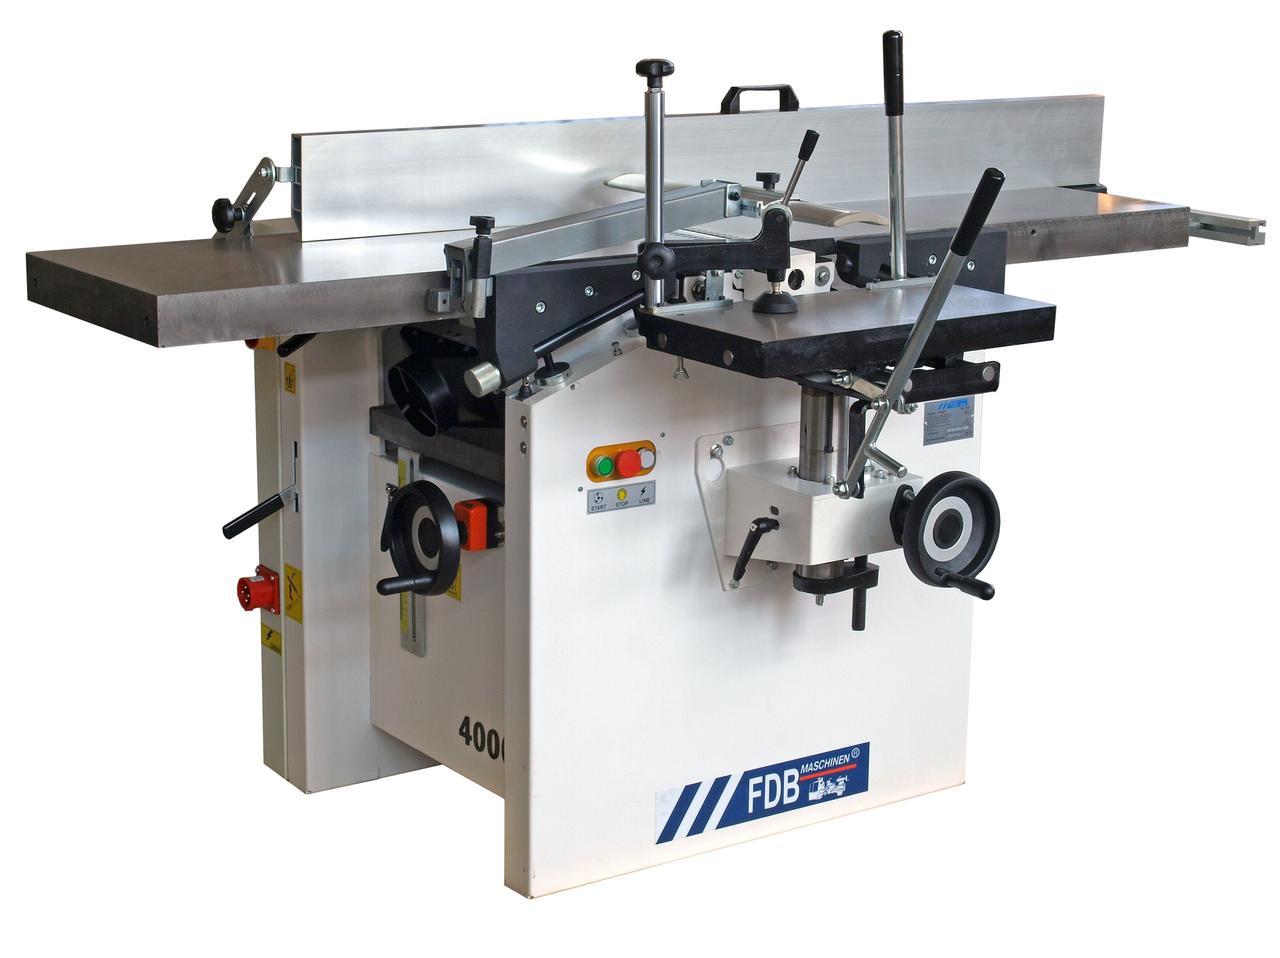 Многофункциональный деревообрабатывающий станок FDB Maschinen MLC 400